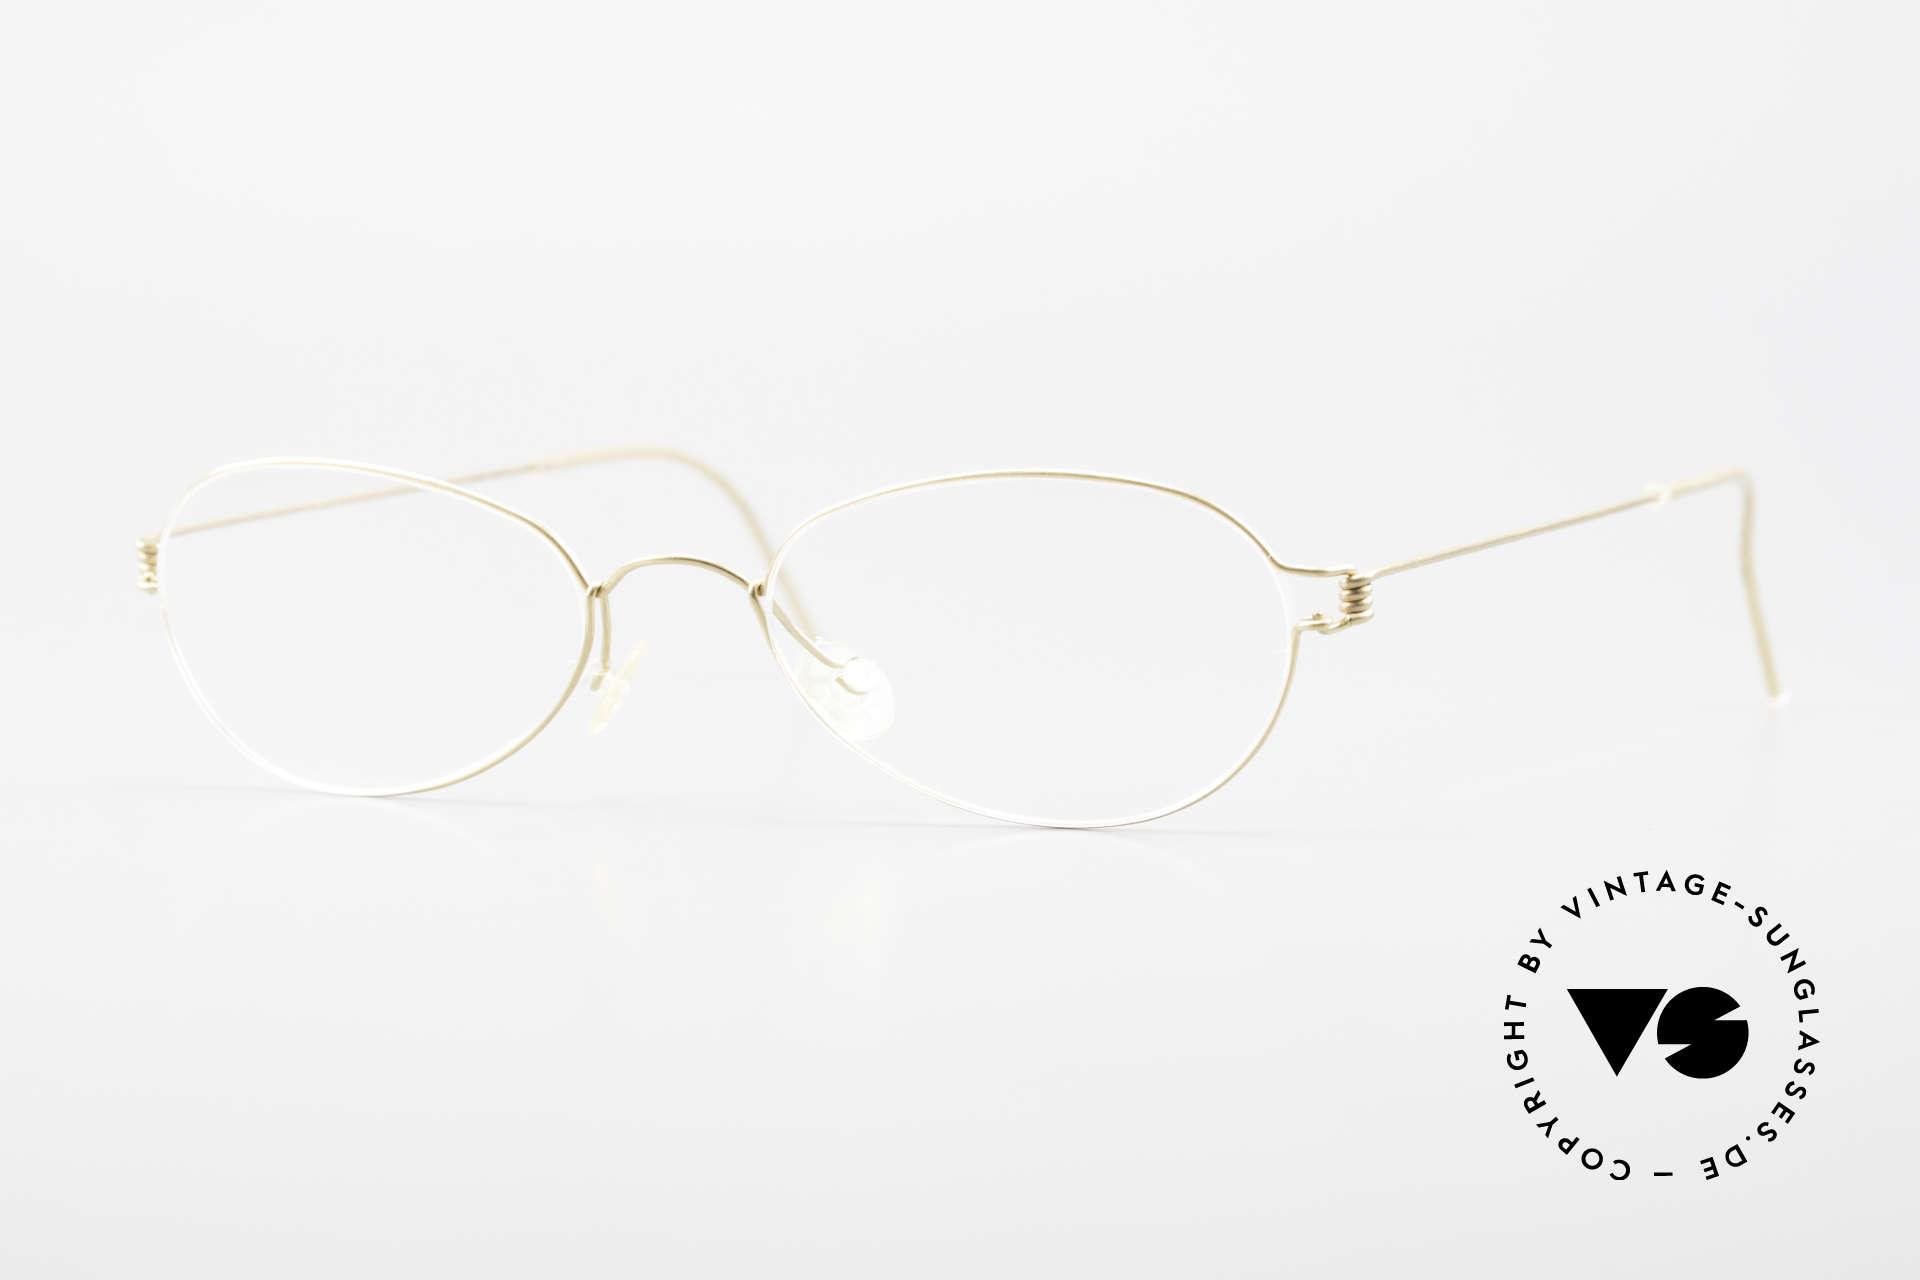 Lindberg Kari Air Titan Rim Titanium Ladies Eyeglasses, LINDBERG Air Titanium Rim eyeglasses in size 49-19, Made for Women